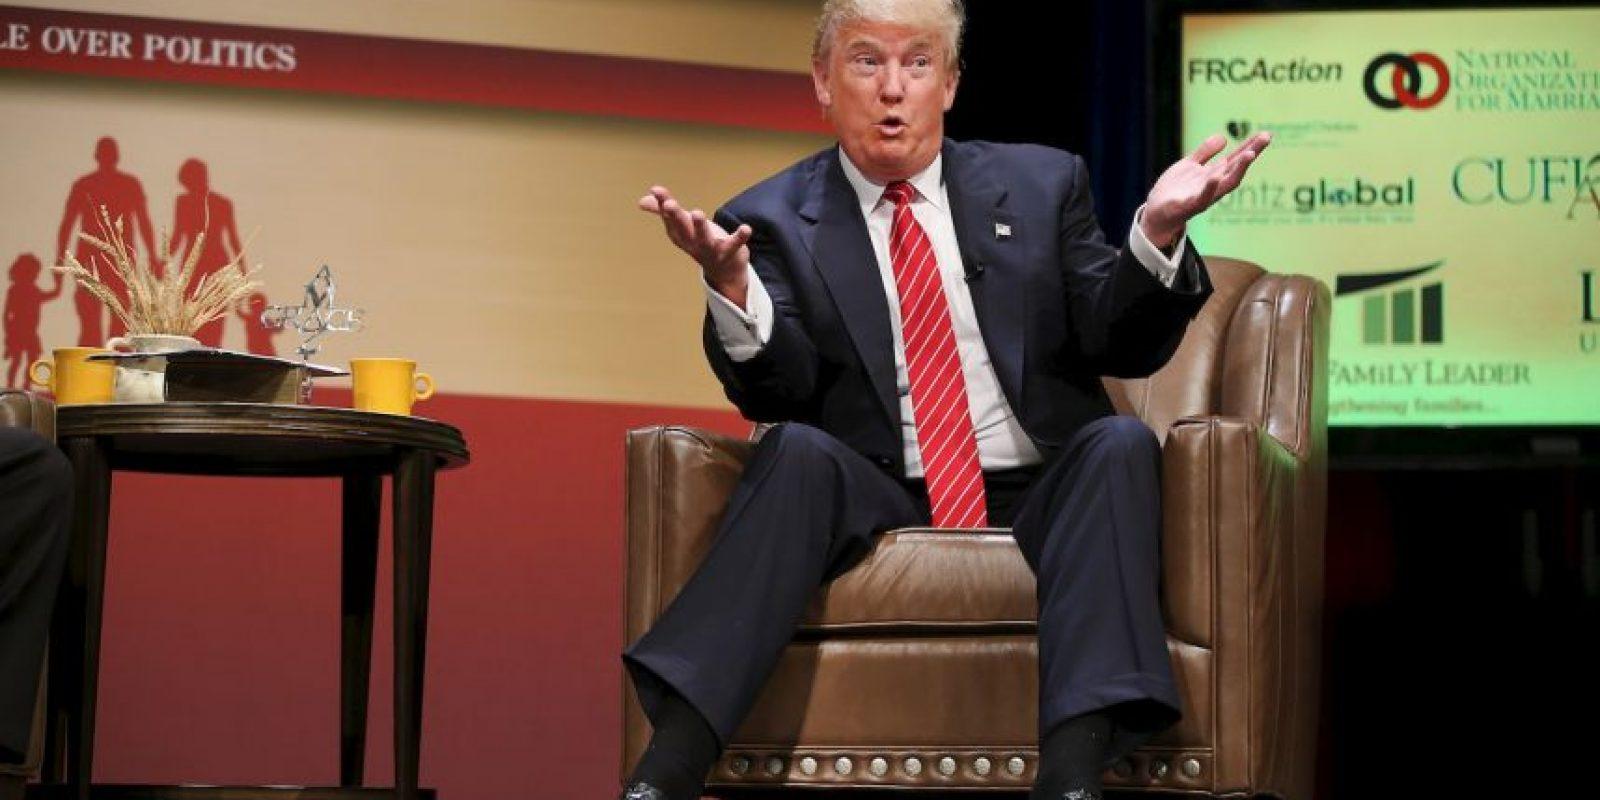 """""""Detrás de Trump están el gobernador de Wisconsin, Scott Walker, con 13 por ciento y el ex gobernador de Florida, Jeb Bush, con 10 por ciento. Ningún otro republicano supera el 6 por ciento y el 12 por ciento están indecisos"""", detalla el informe. Foto:Getty Images"""